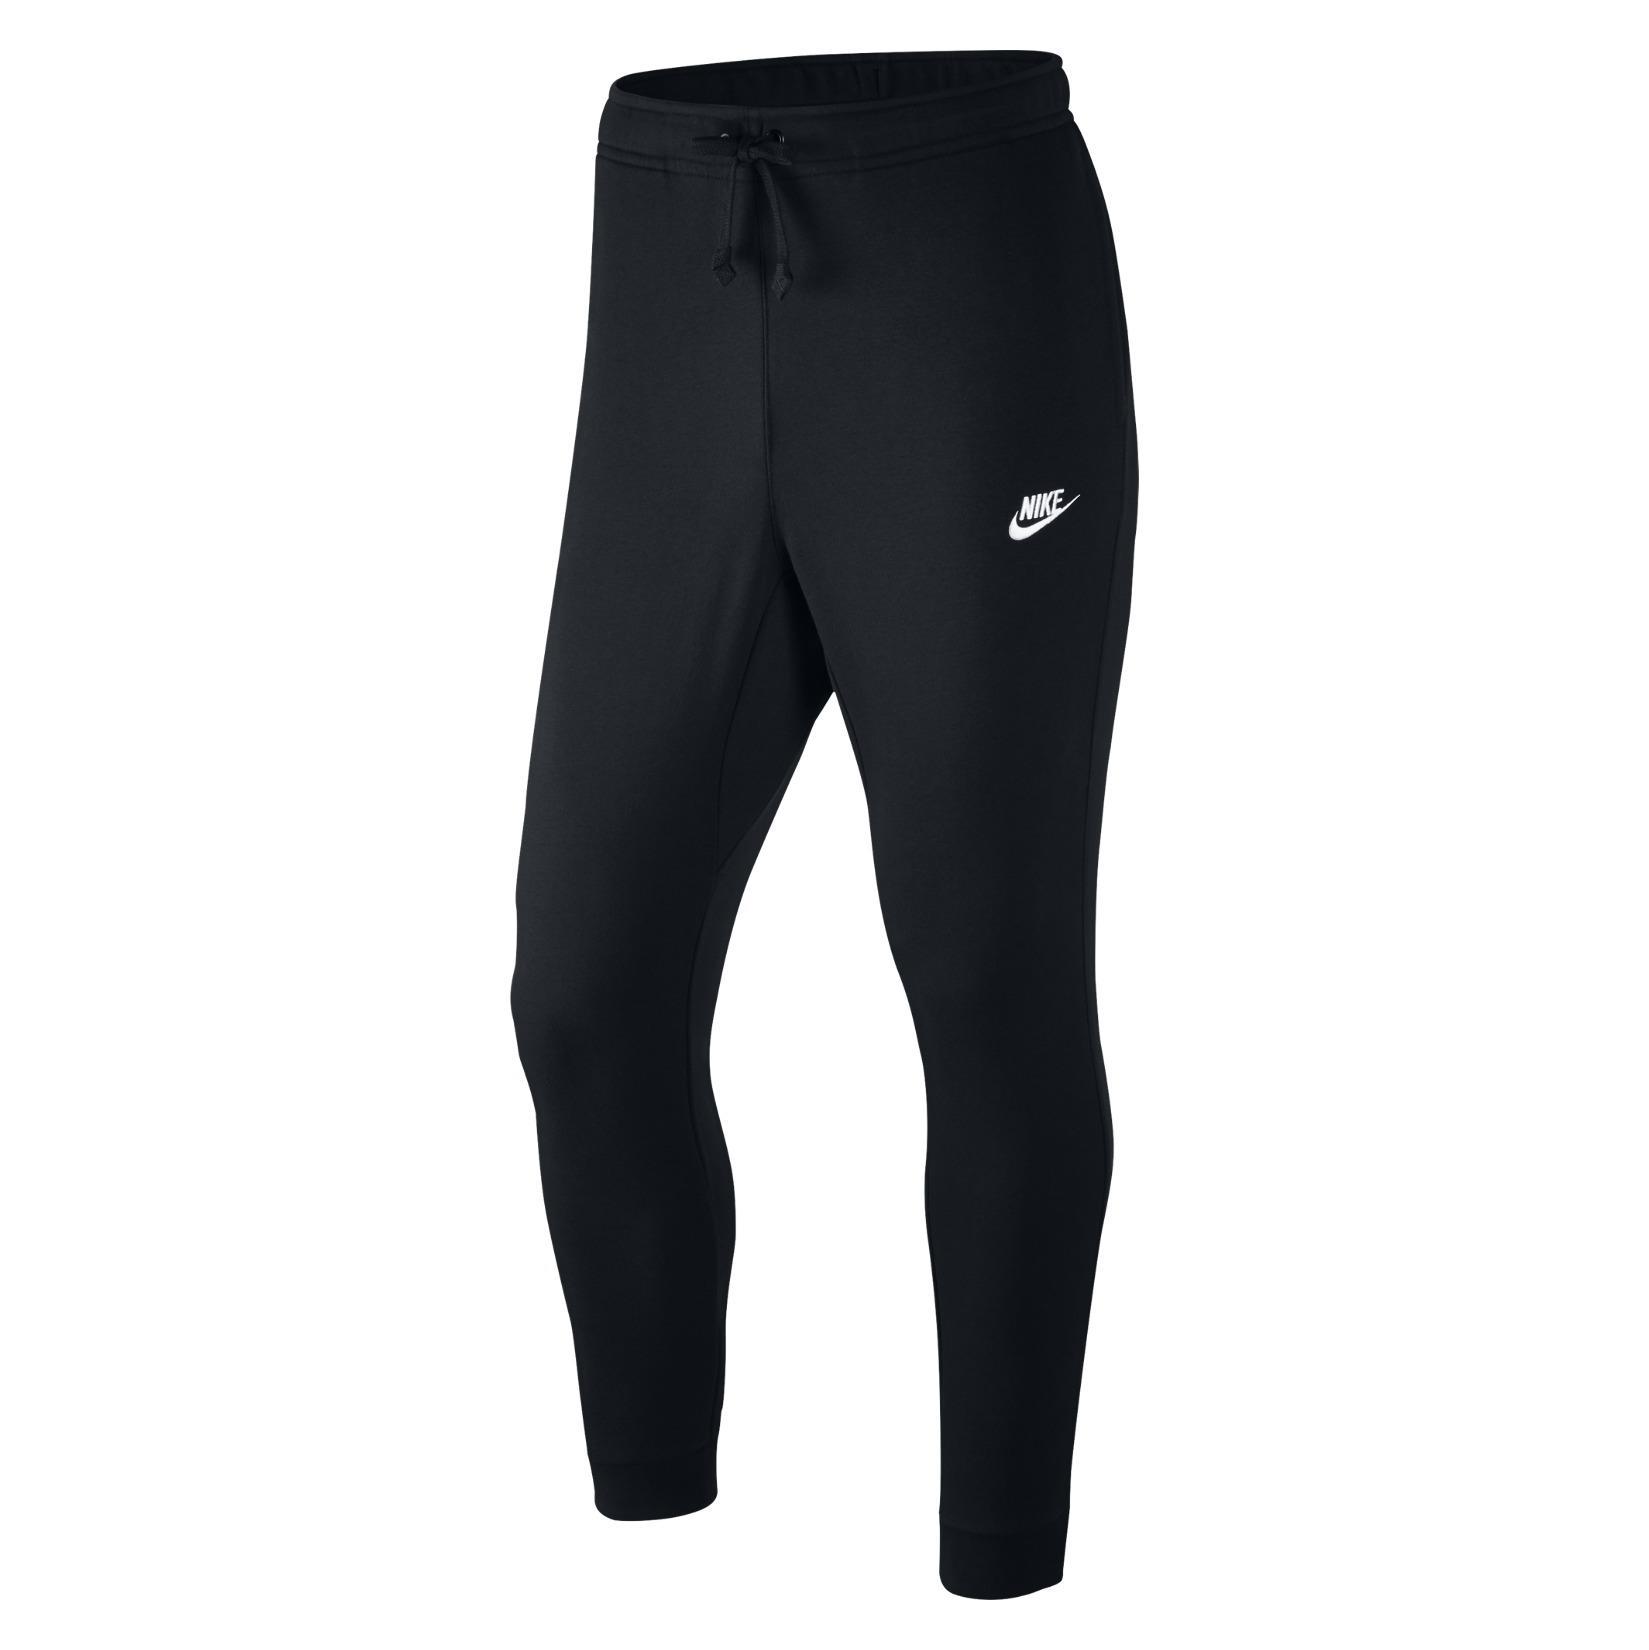 7828790cb Tepláky NIKE Sportswear, čierne | Športové oblečenie a športové ...